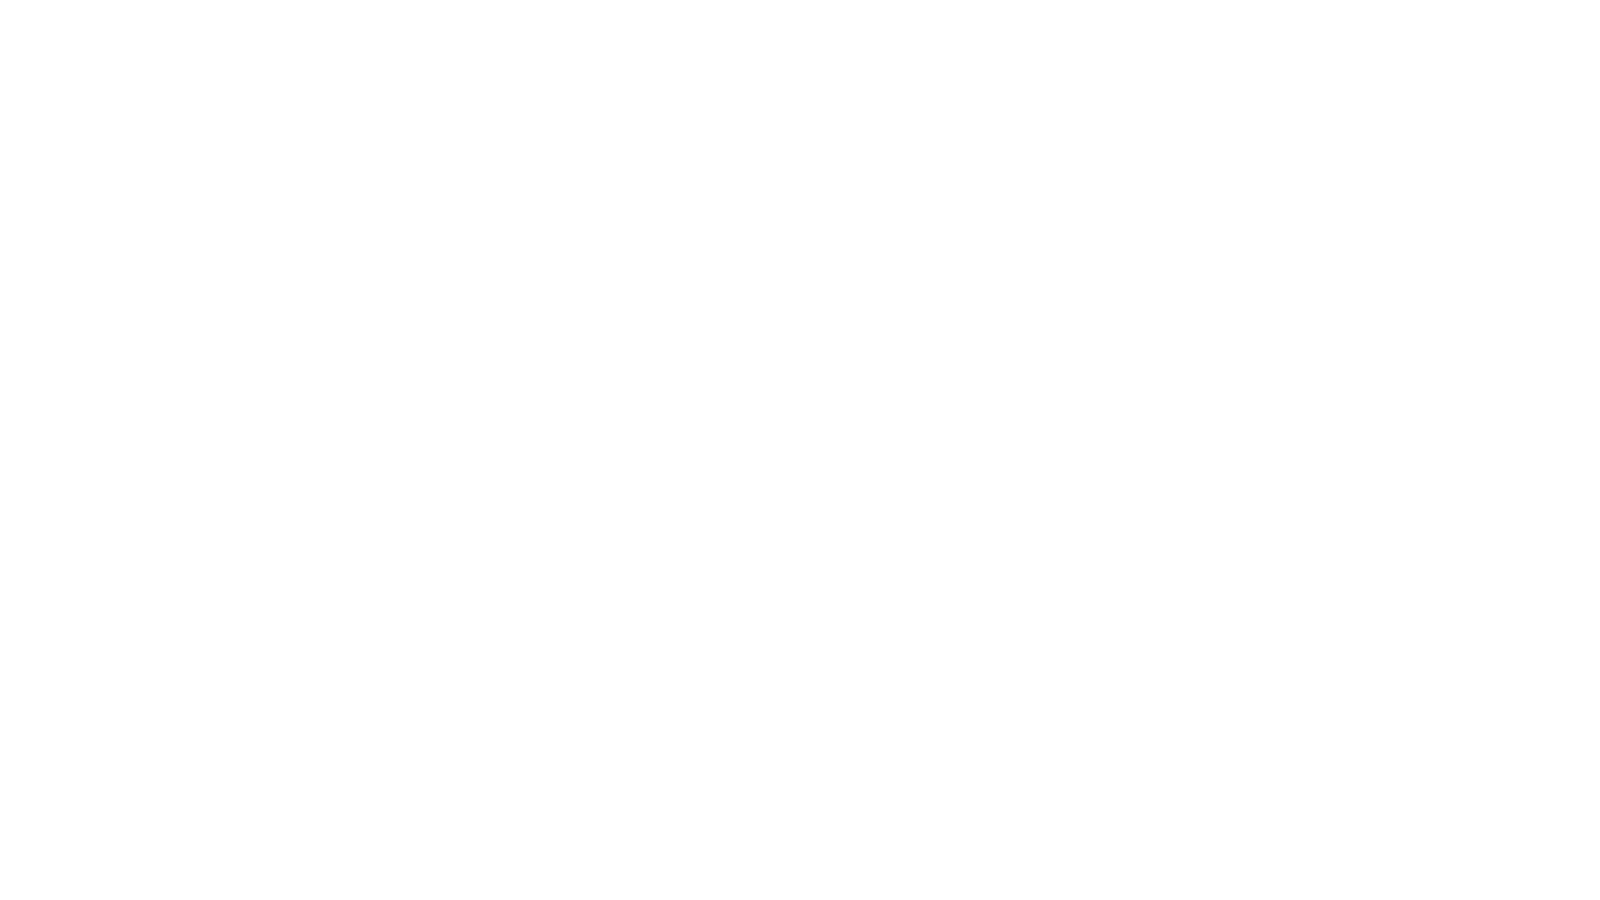 Vídeo mostrando a Opção do Menu: Todas as Perguntas É nesta opção que você acessa a listagem de todas as perguntas feitas pelos usuários internos do Escritório e pelos usuários externos autorizados, normalmente funcionários dos clientes do Escritório.  Importante! - Cada Escritório ou Organização tem a sua área exclusiva na Plataforma. - Perguntas, respostas, usuários e toda e qualquer movimentação na Plataforma é restrita e exclusiva ao ambiente de cada Organização.   No rodapé de cada Pergunta você encontra indicações, todas com links para filtros e buscas instantâneas, de acordo com o link escolhido: - Nome do usuário que fez a pergunta - Área de conhecimento da pergunta - Fonte de origem da pergunta - Data e hora do cadastro da pergunta - Data de referência da pergunta, quando for diferente da data de cadastro. - Ícone indicando quantas respostas já tem a pergunta - Ícone que indica se aquela pergunta foi marcada como favorita pelo usuário Igualmente fazemos buscas semelhantes com os links vinculados a cada resposta, e muito mais...